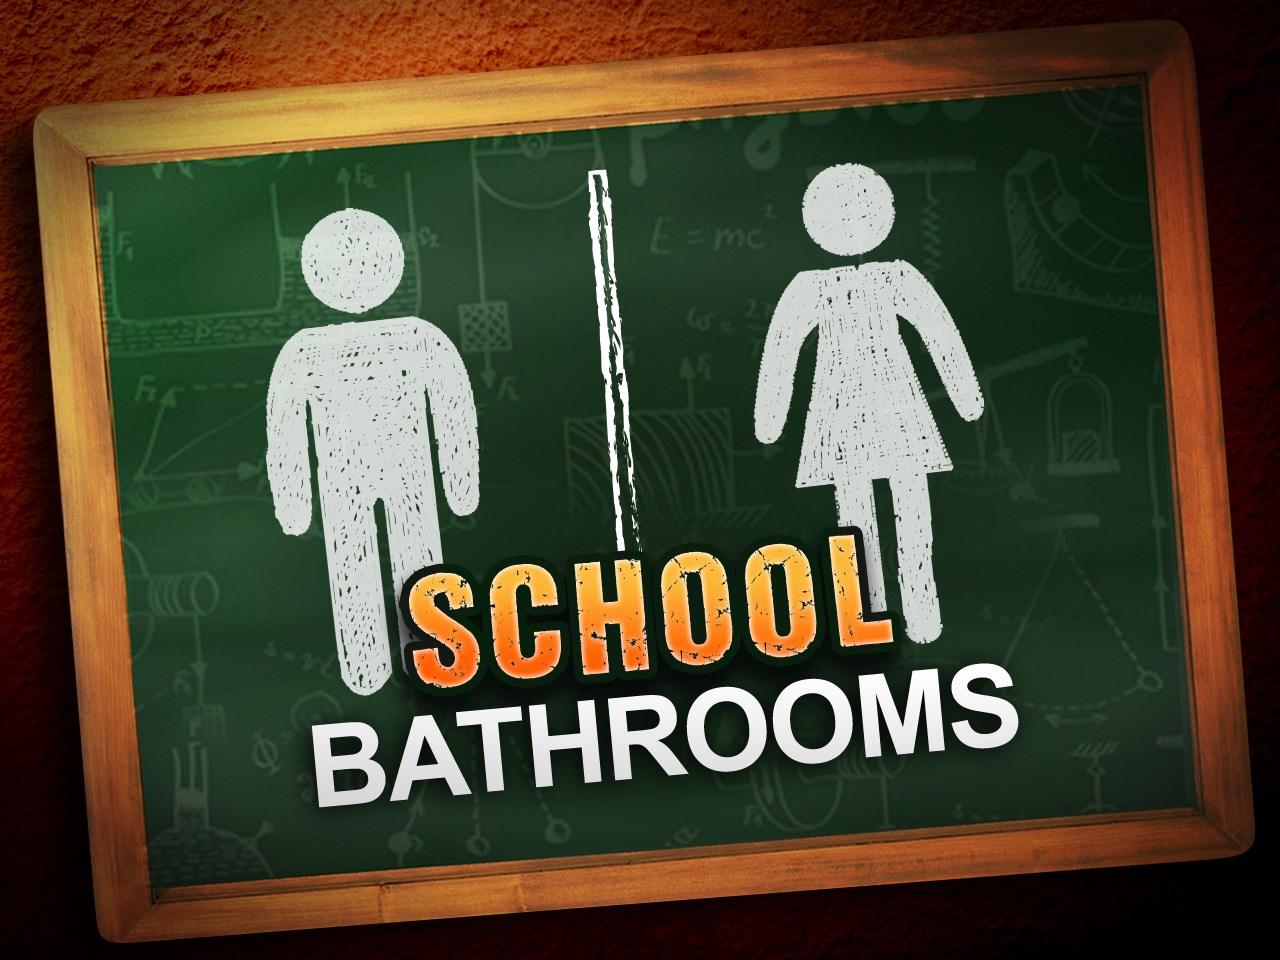 School Bathrooms_1463434570209.jpg